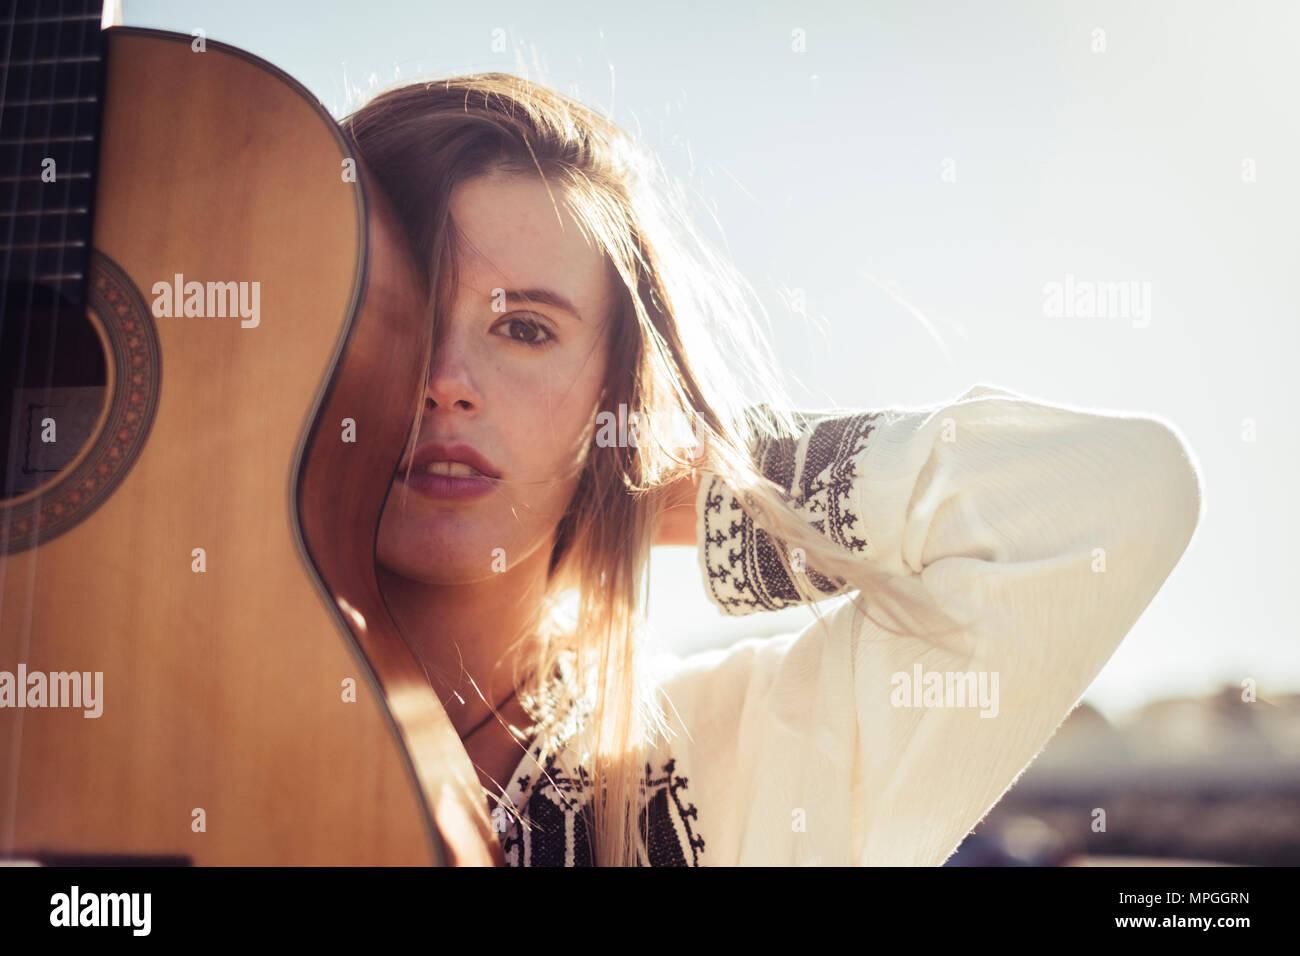 Les sorties en plein air et rebelle, wanderlust concpet avec jolie blonde woman avec une guitare acoustique profiter de l'endroit et le billet Photo Stock